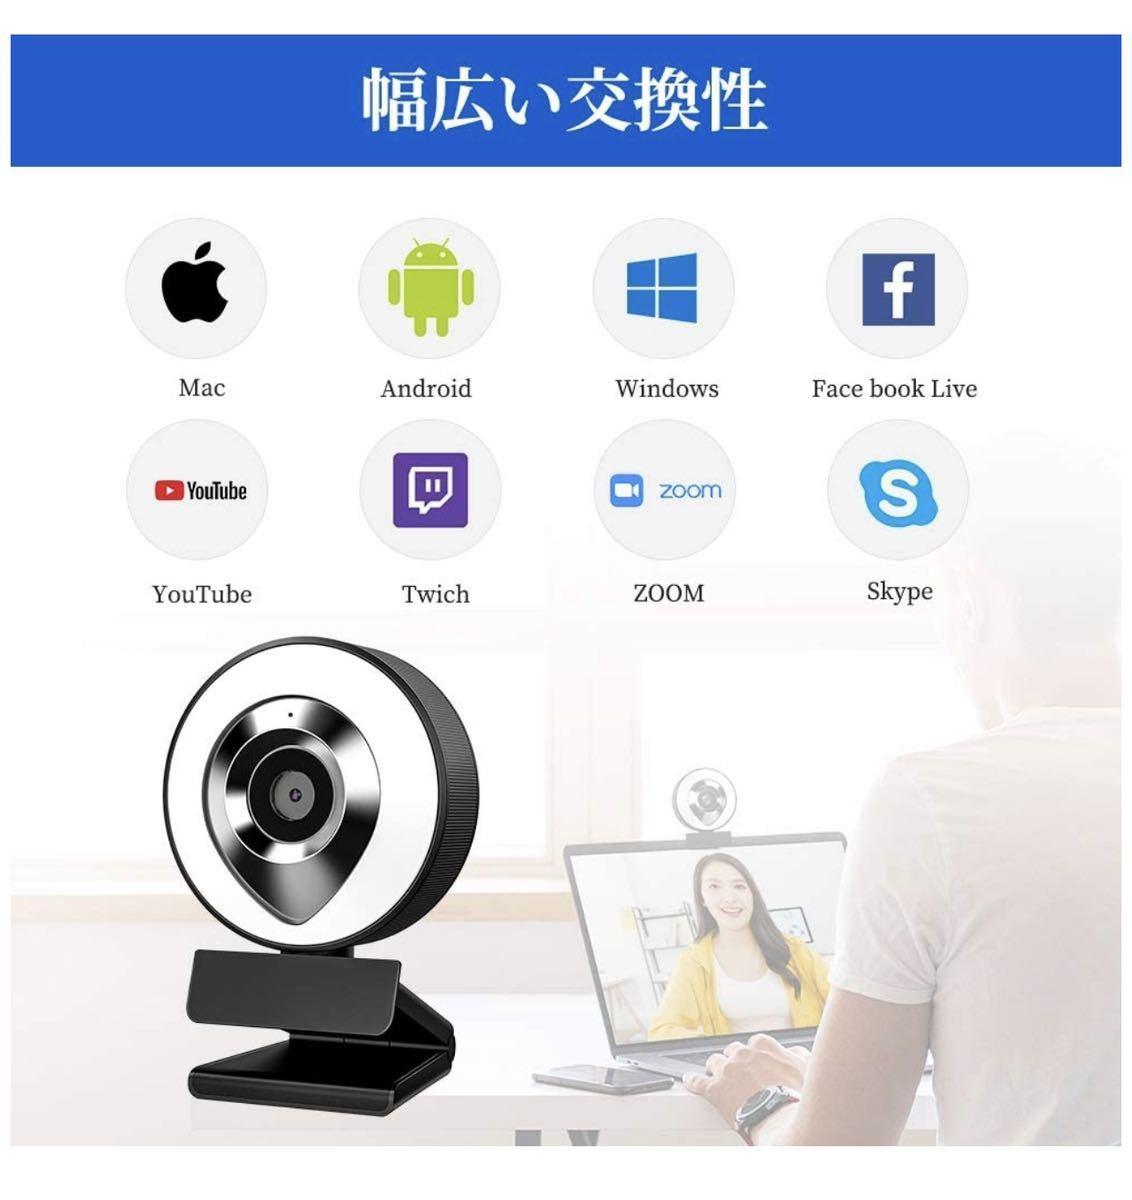 ウェブカメラ LEDライト フルHD 1080P 30FPS 高画質 200万画素 デュアルマイク内蔵 ノイズ対策 ストリーミング pcカメラ 外付け